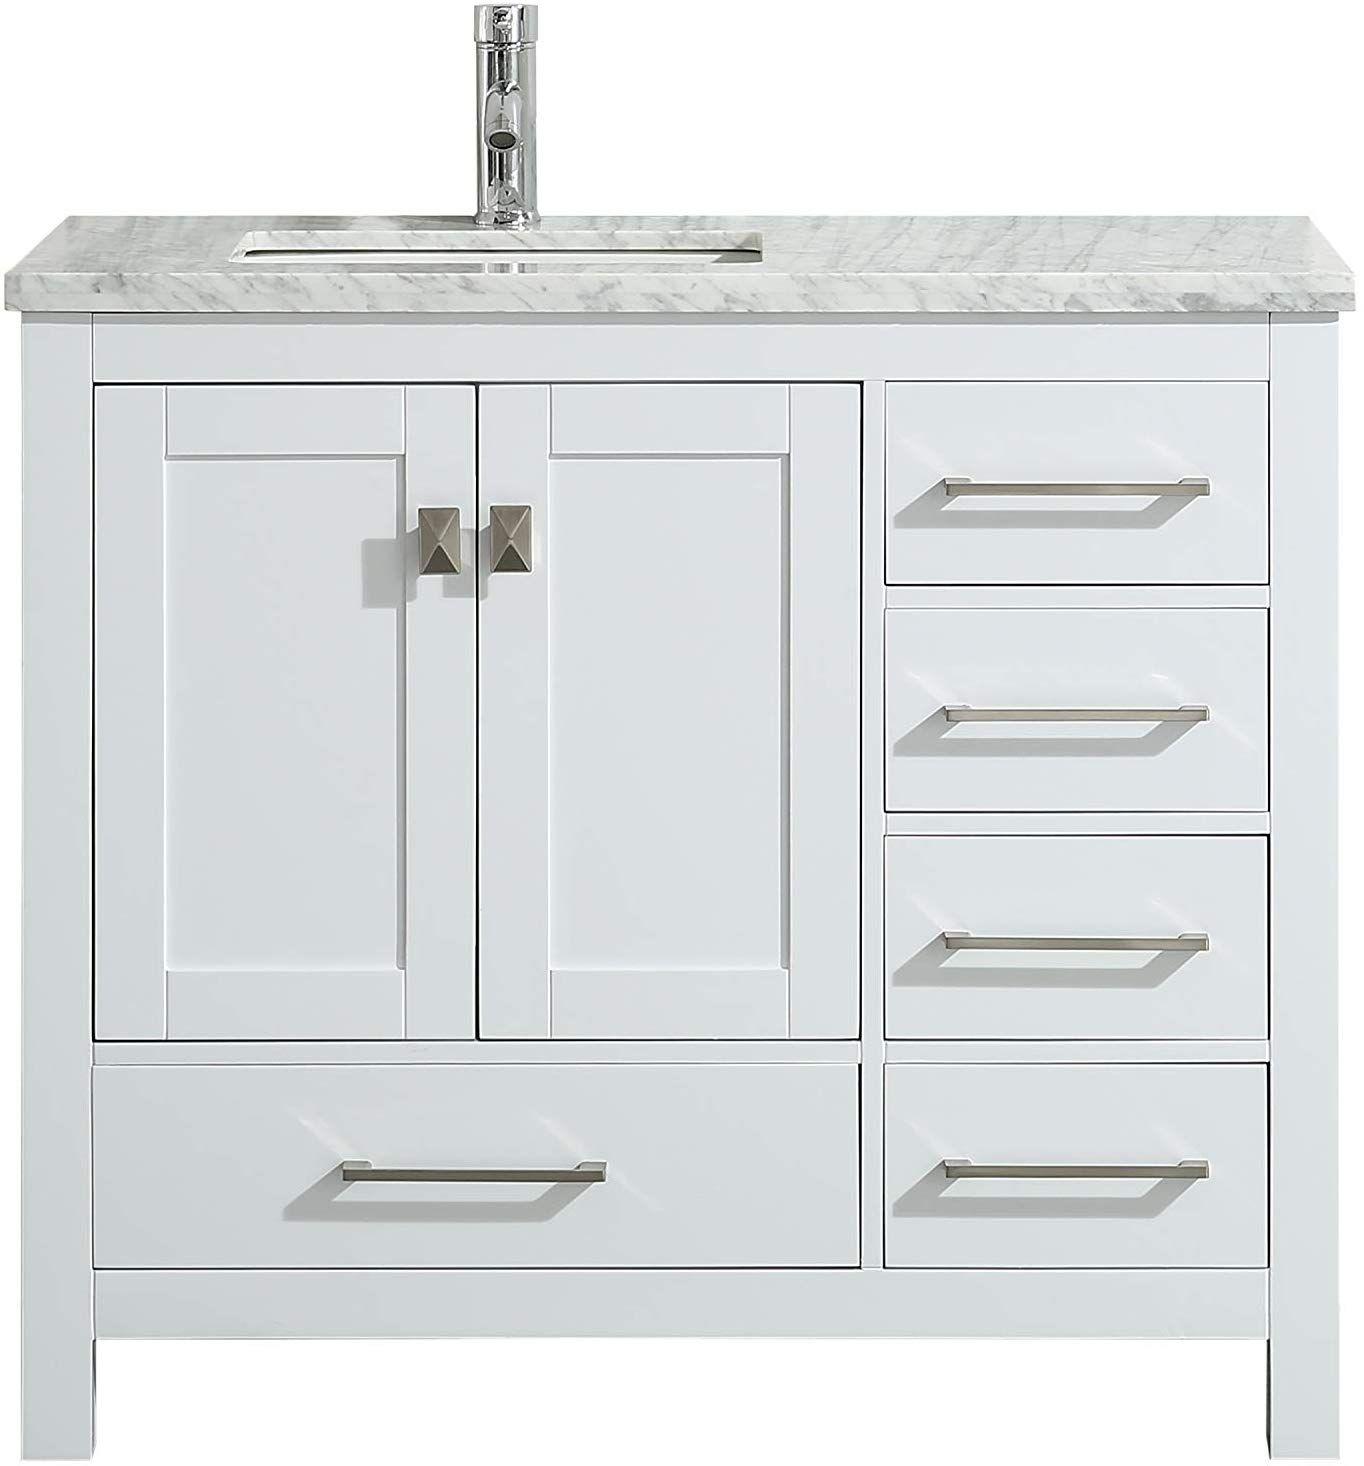 Eviva Tvn414 36x18wh London 36 White Bathroom Vanity Combination